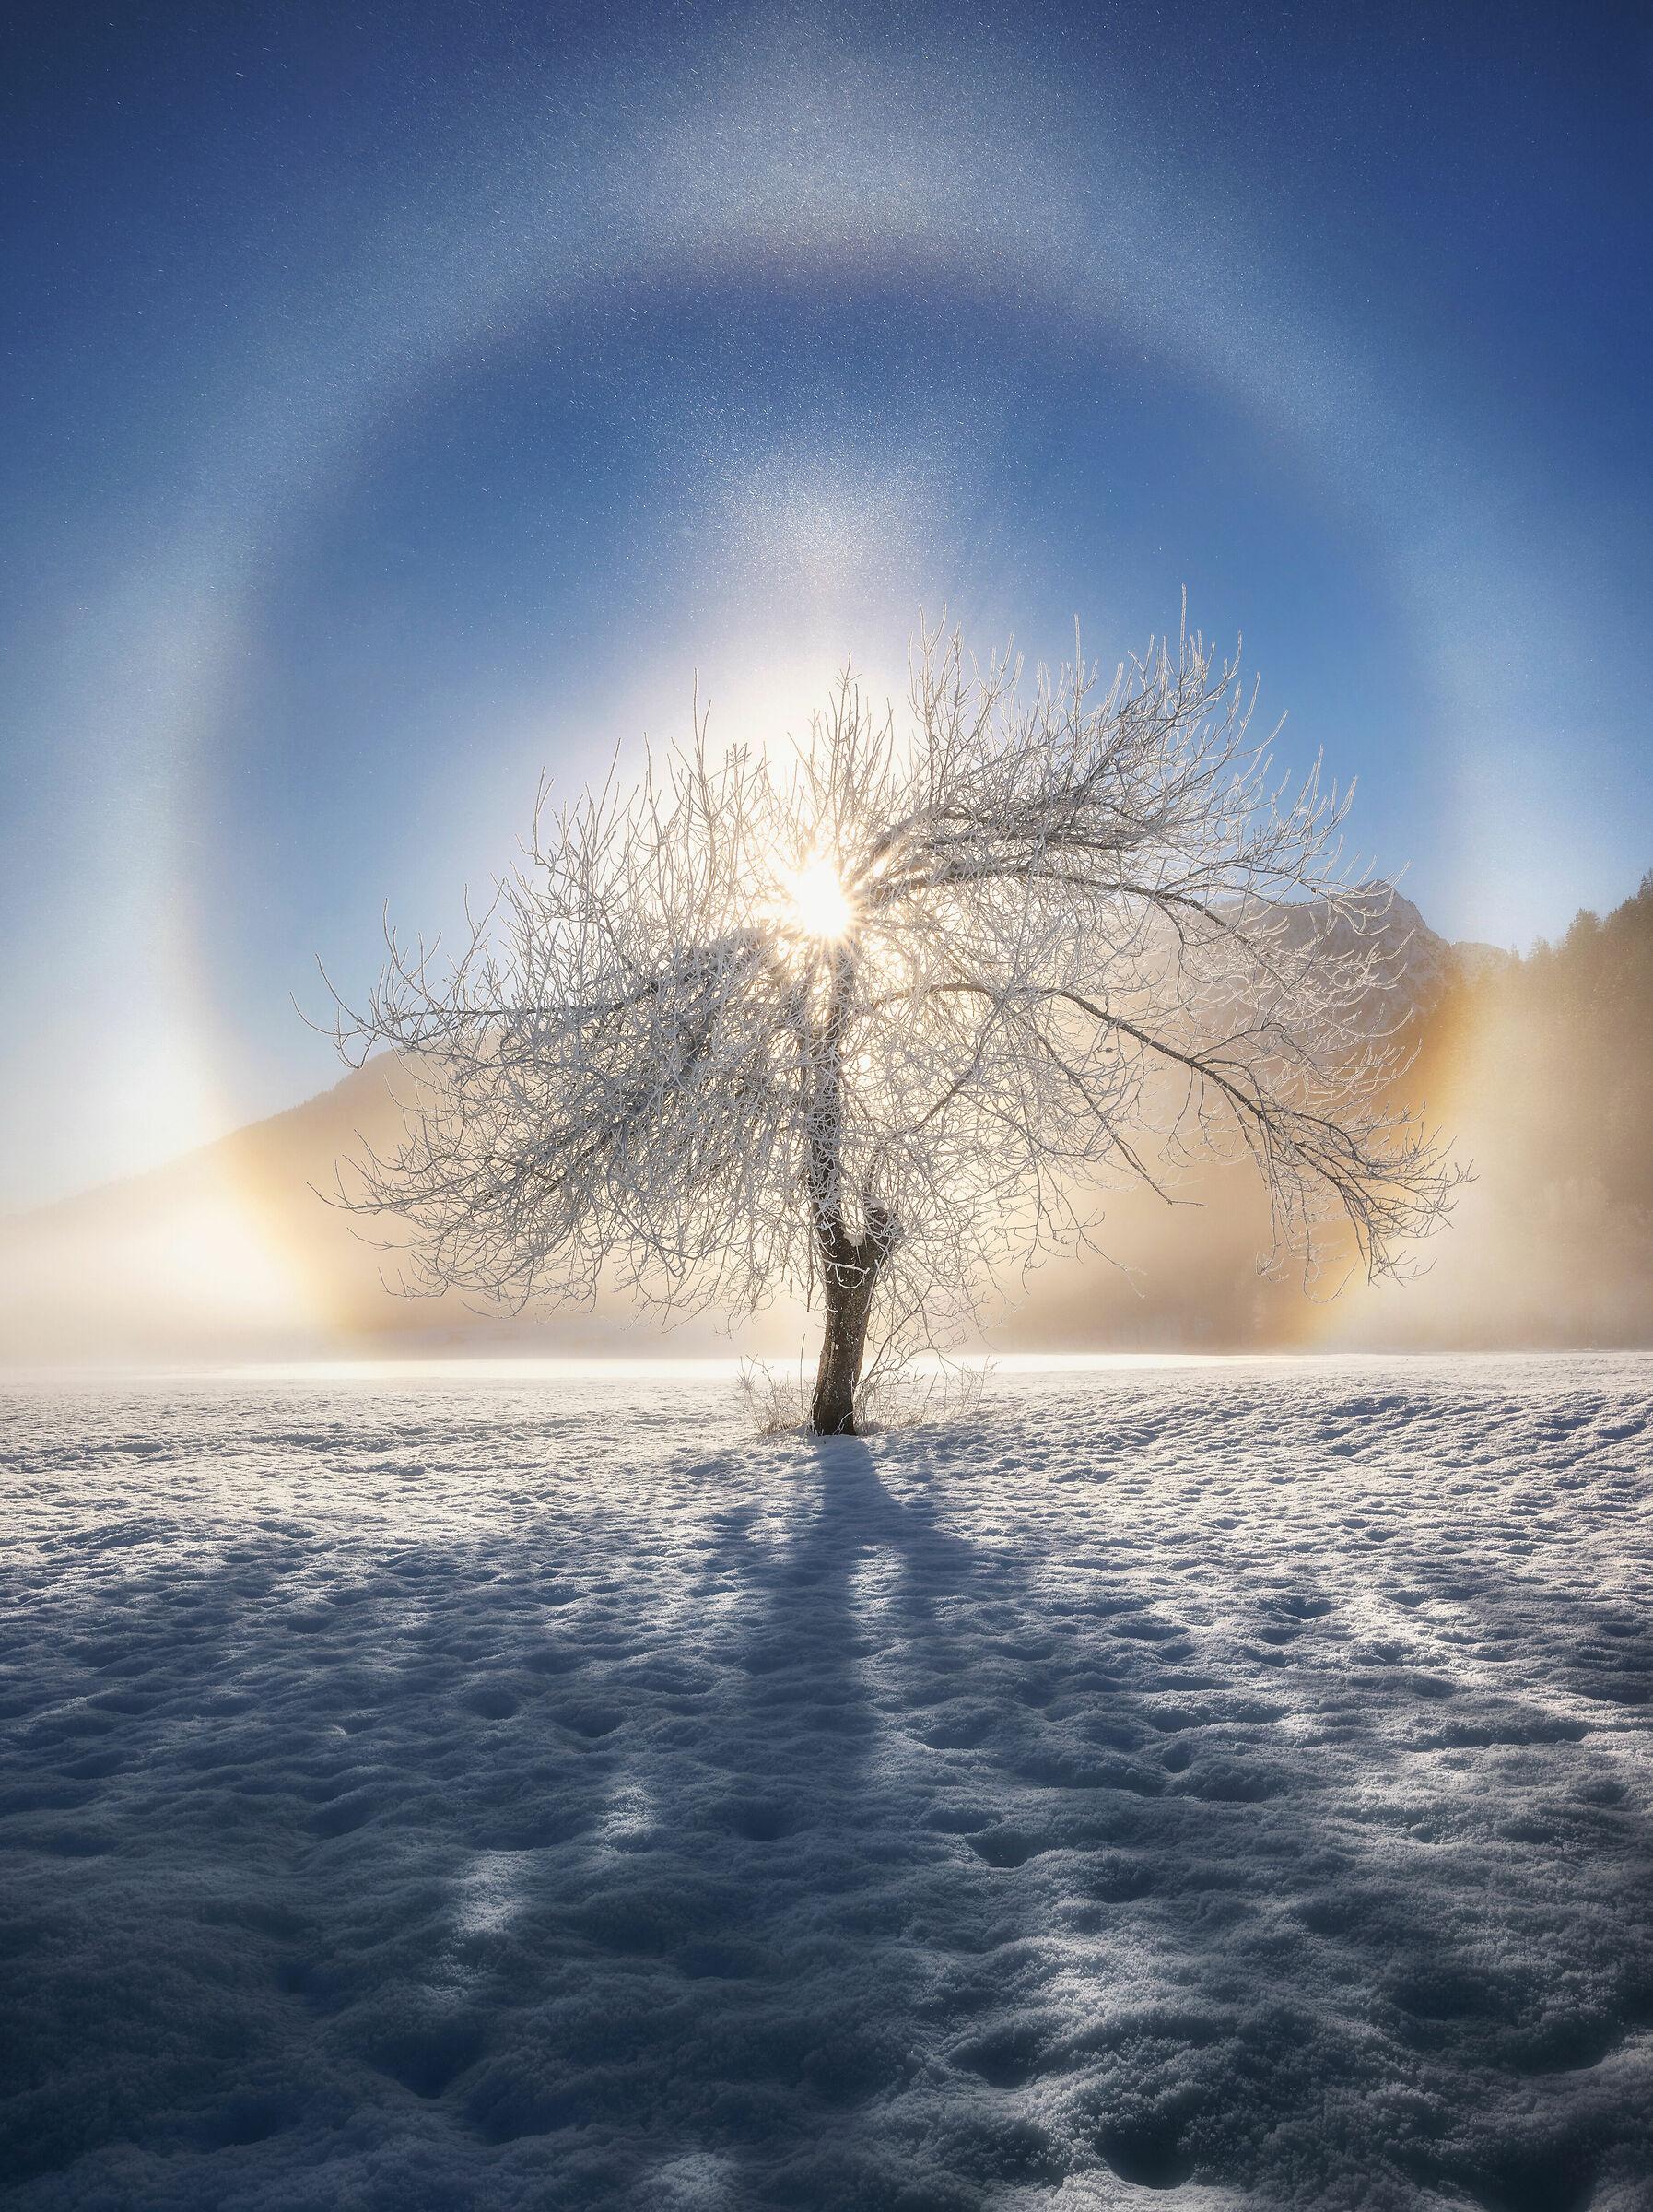 Frosty halo around the tree...